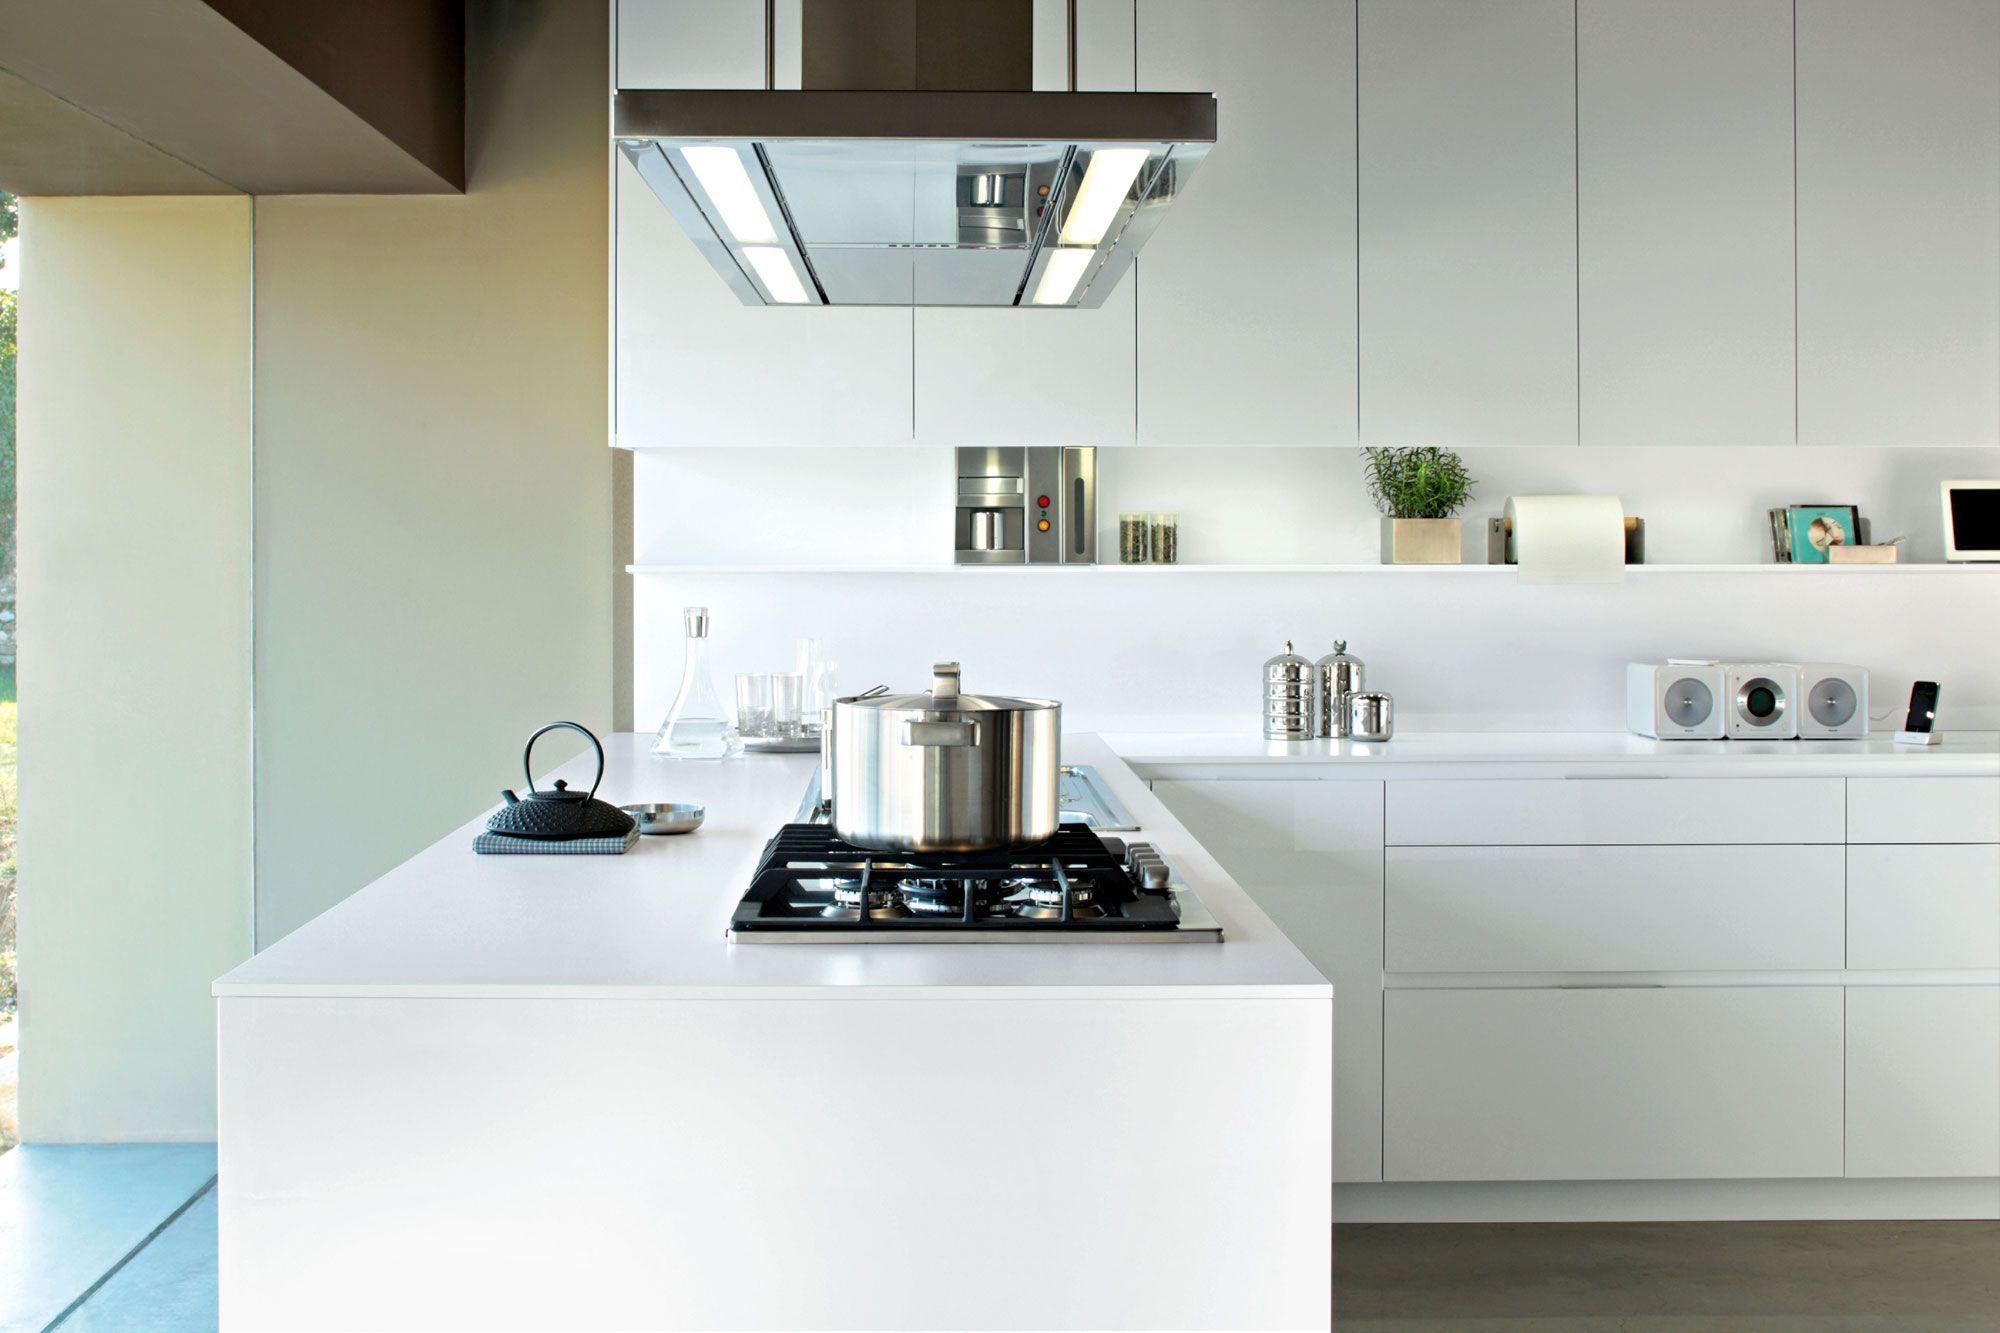 La cocina Orange, de la firma Snaidero, destaca con su diseño ...